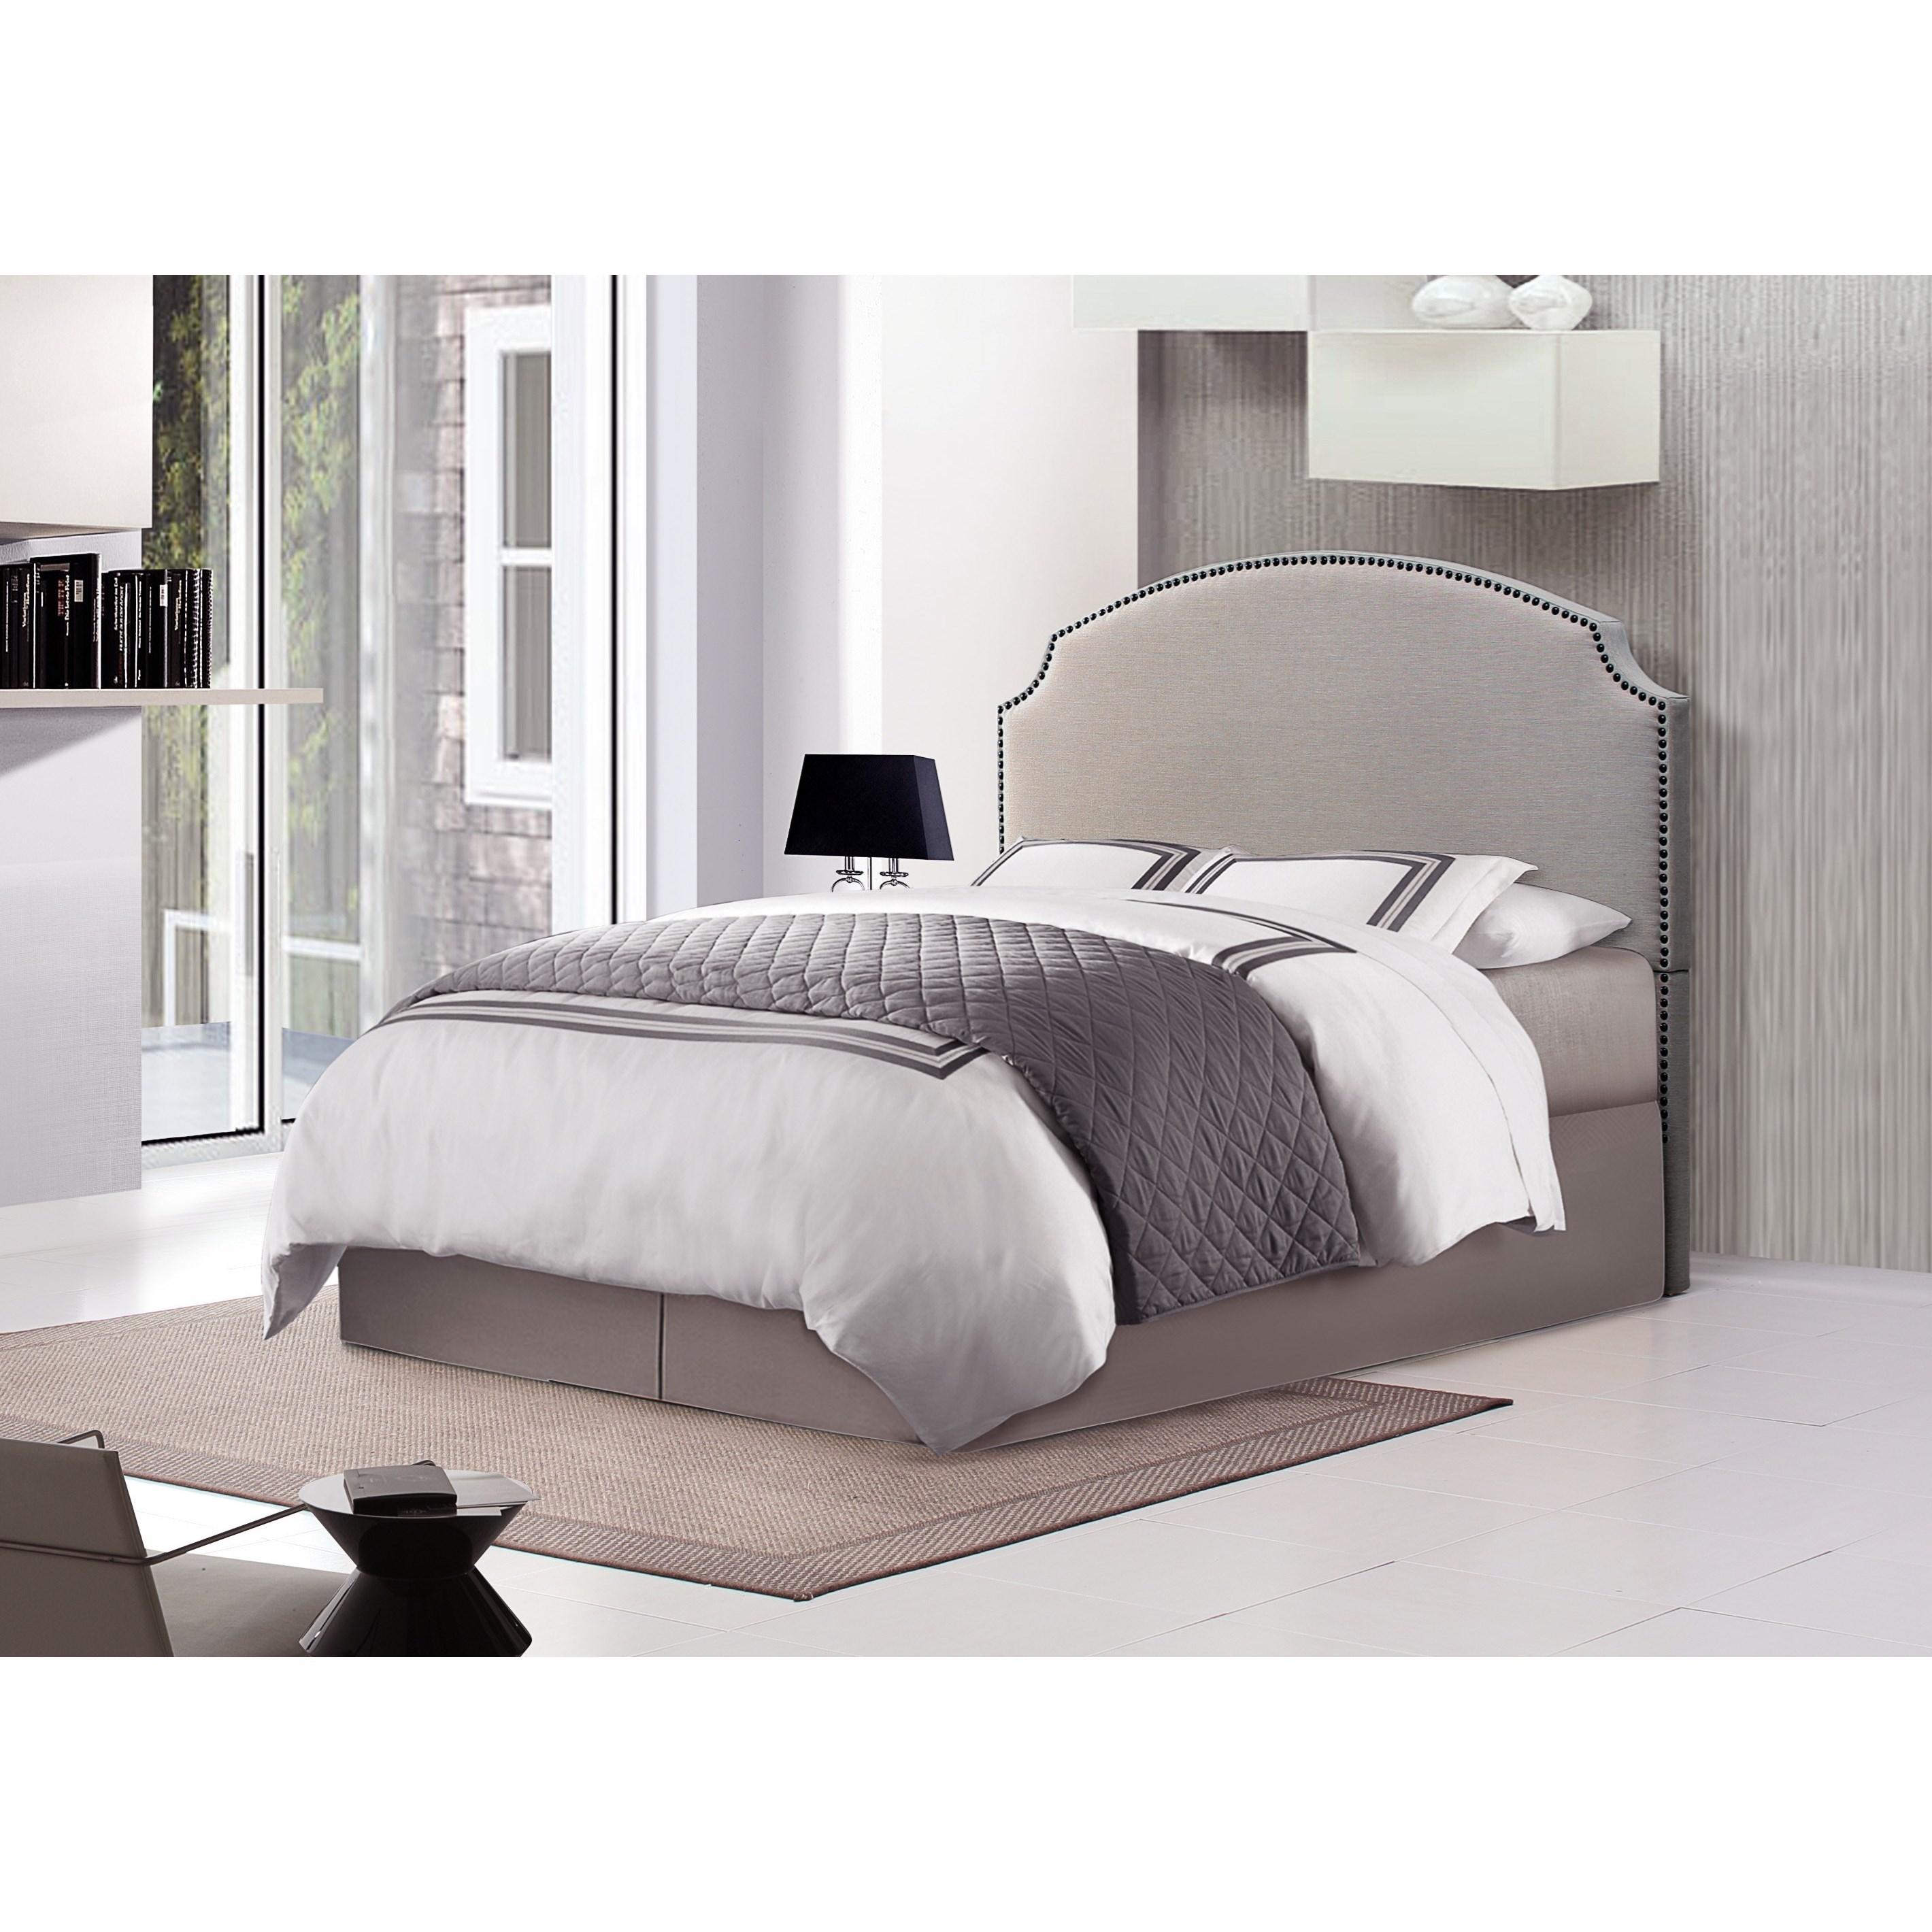 Crown Mark Odette Queen Upholstered Bed - Item Number: 5273-Q-HB+FBRL